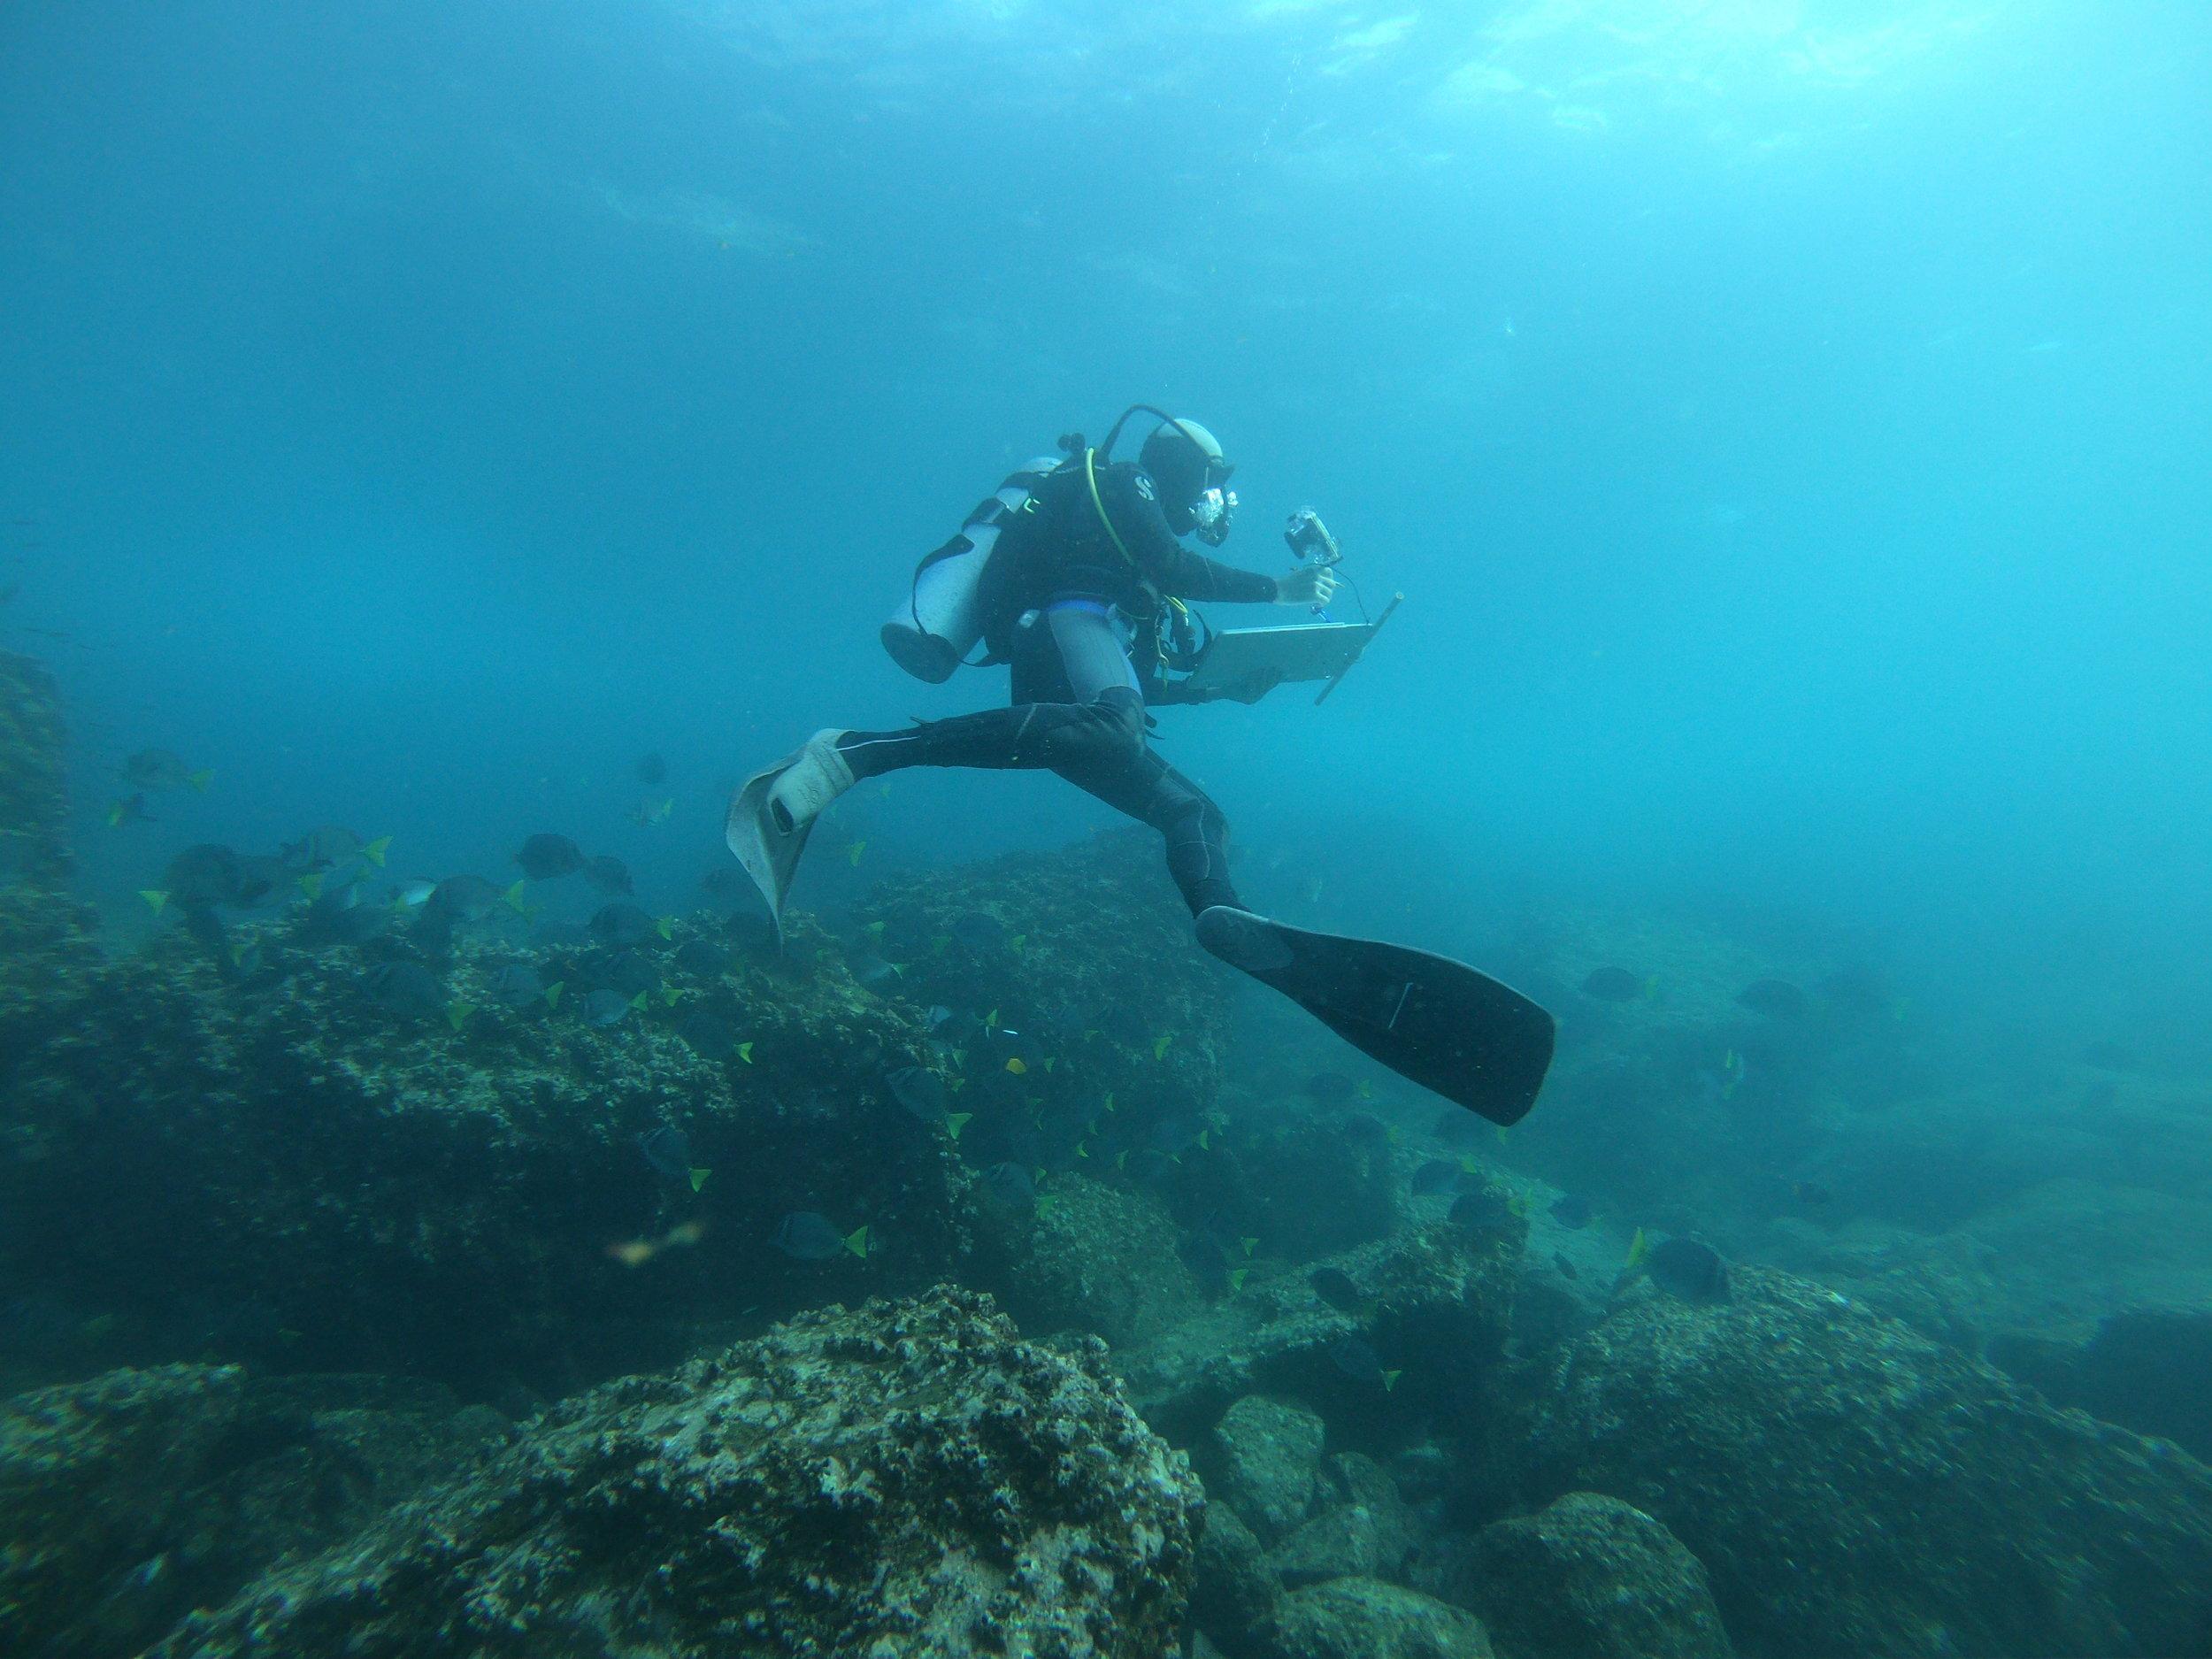 Figura 4 . Monitoreador caracterizando el sitio de buceo de Bajo Gardner, isla Española. Foto: Sofia Green/Fundación Charles Darwin